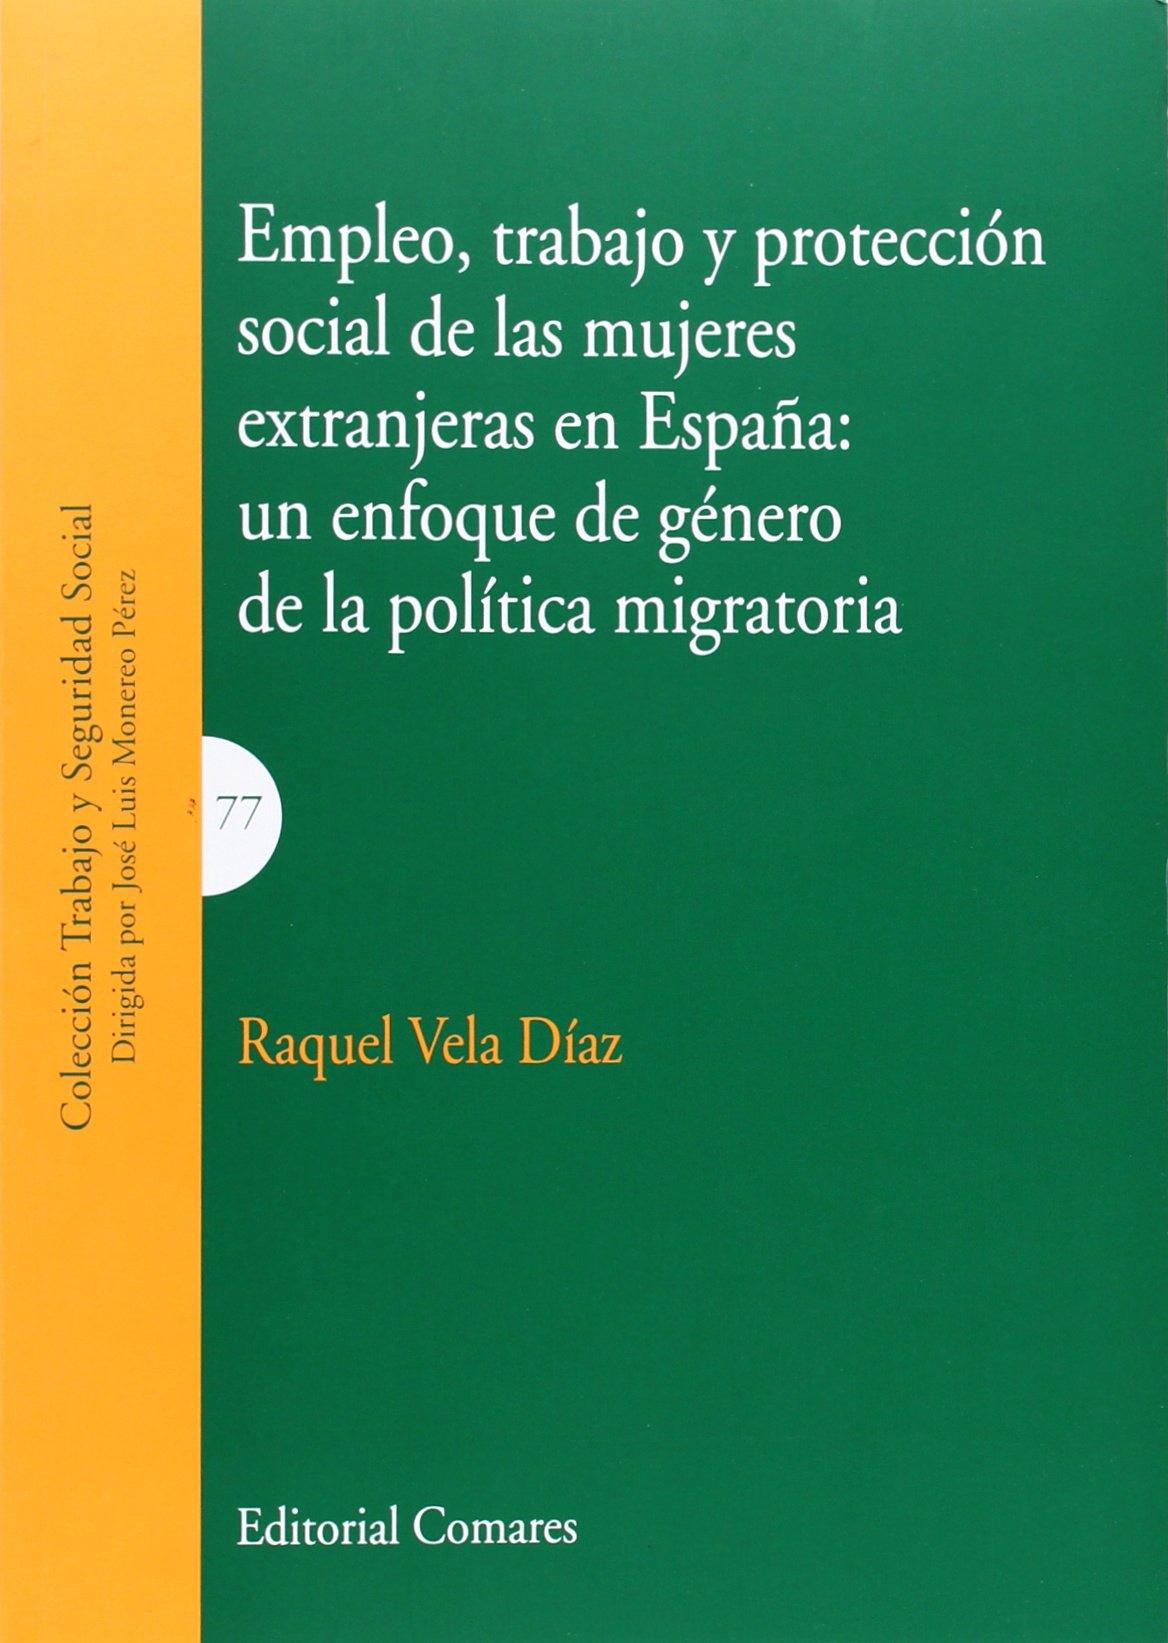 Empleo, trabajo y protección social de las mujeres extranjeras en España: un enf Trabajo Y Seguridad Social: Amazon.es: Vela Díaz, Raquel: Libros